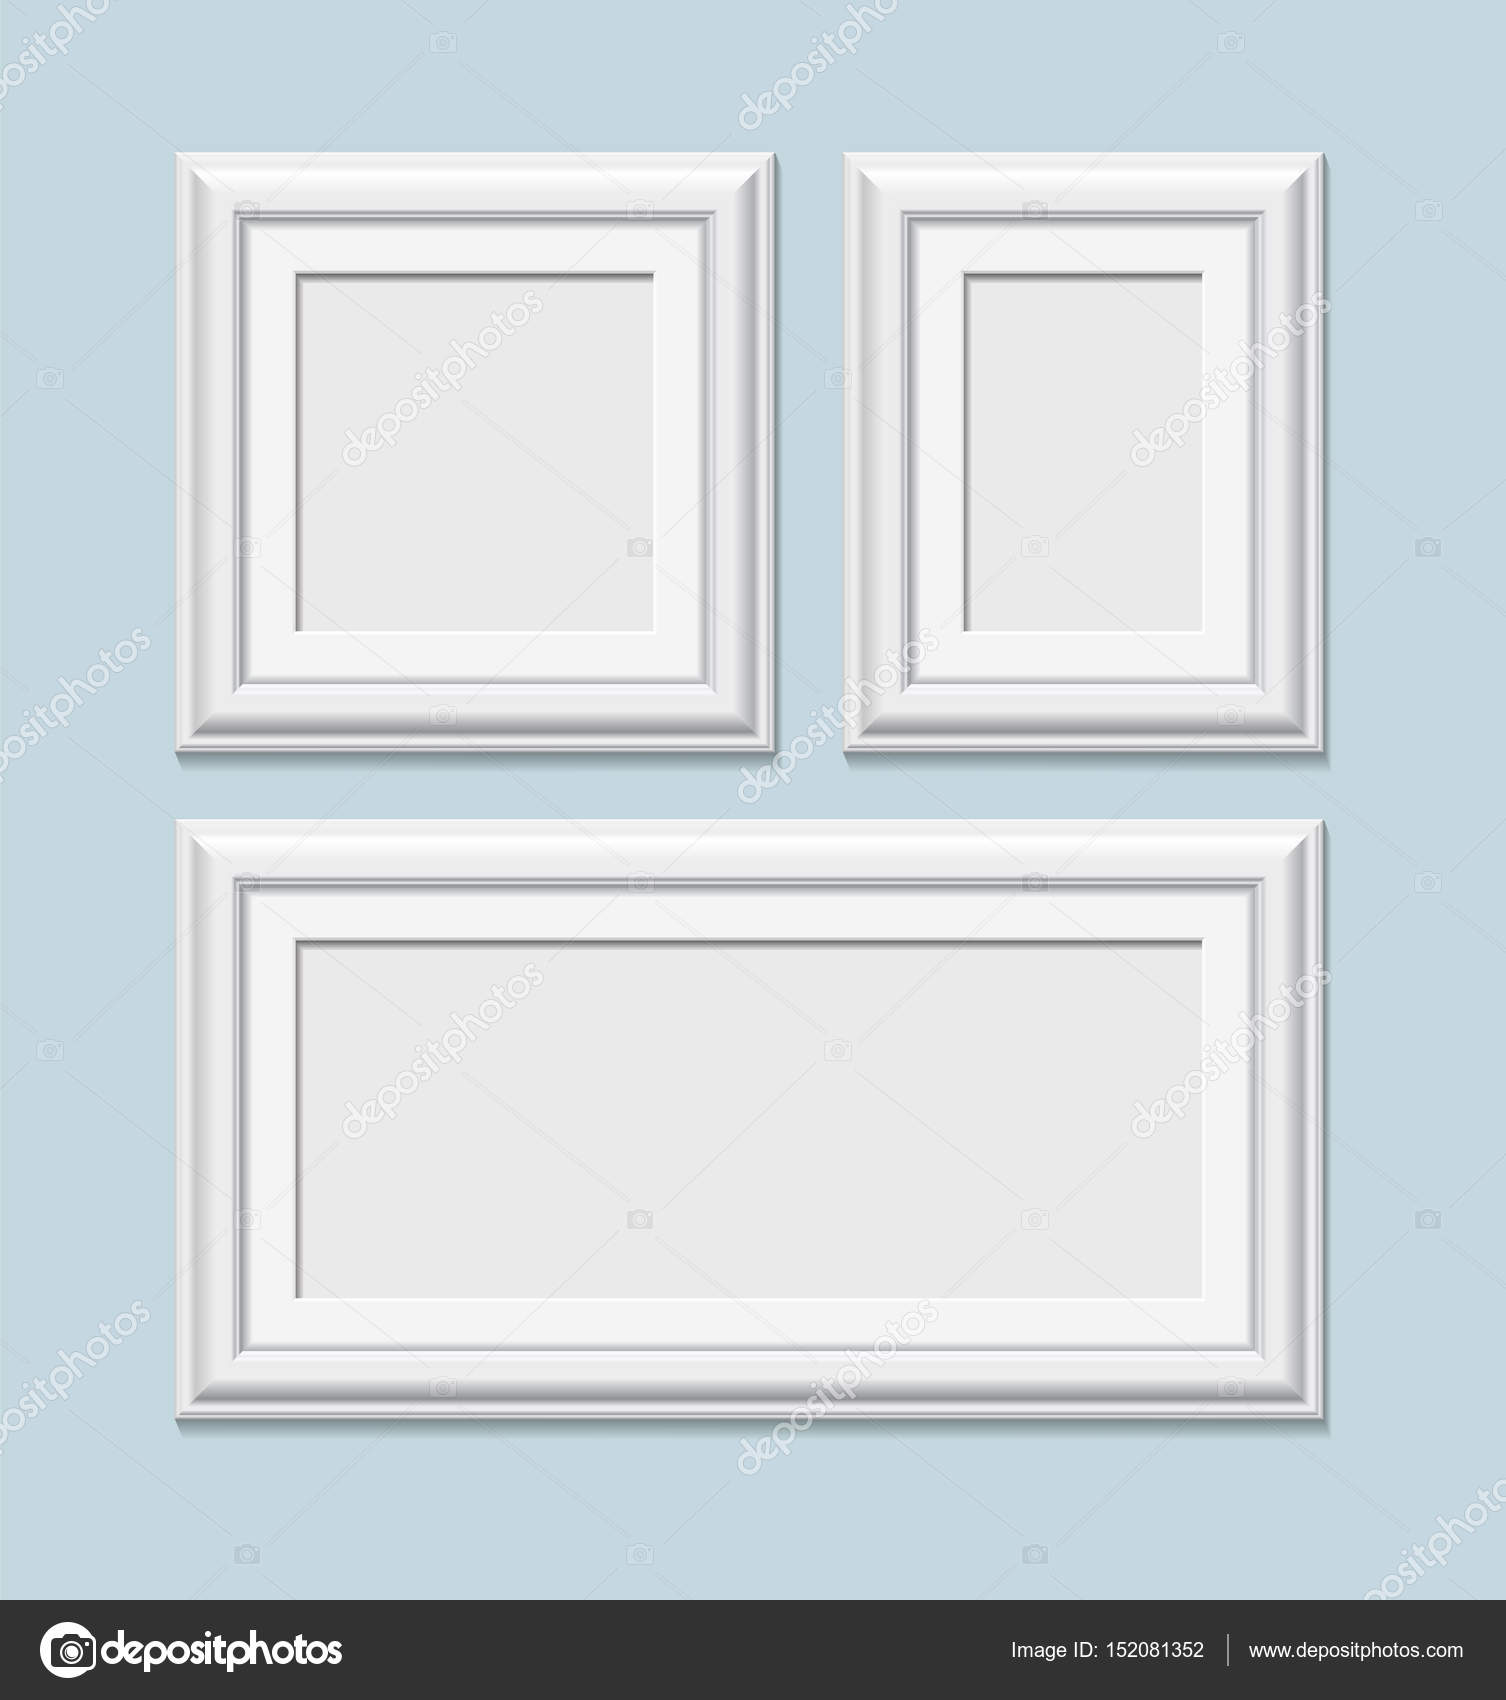 Eine Gruppe von quadratische weiße Bilderrahmen, Vektor ...